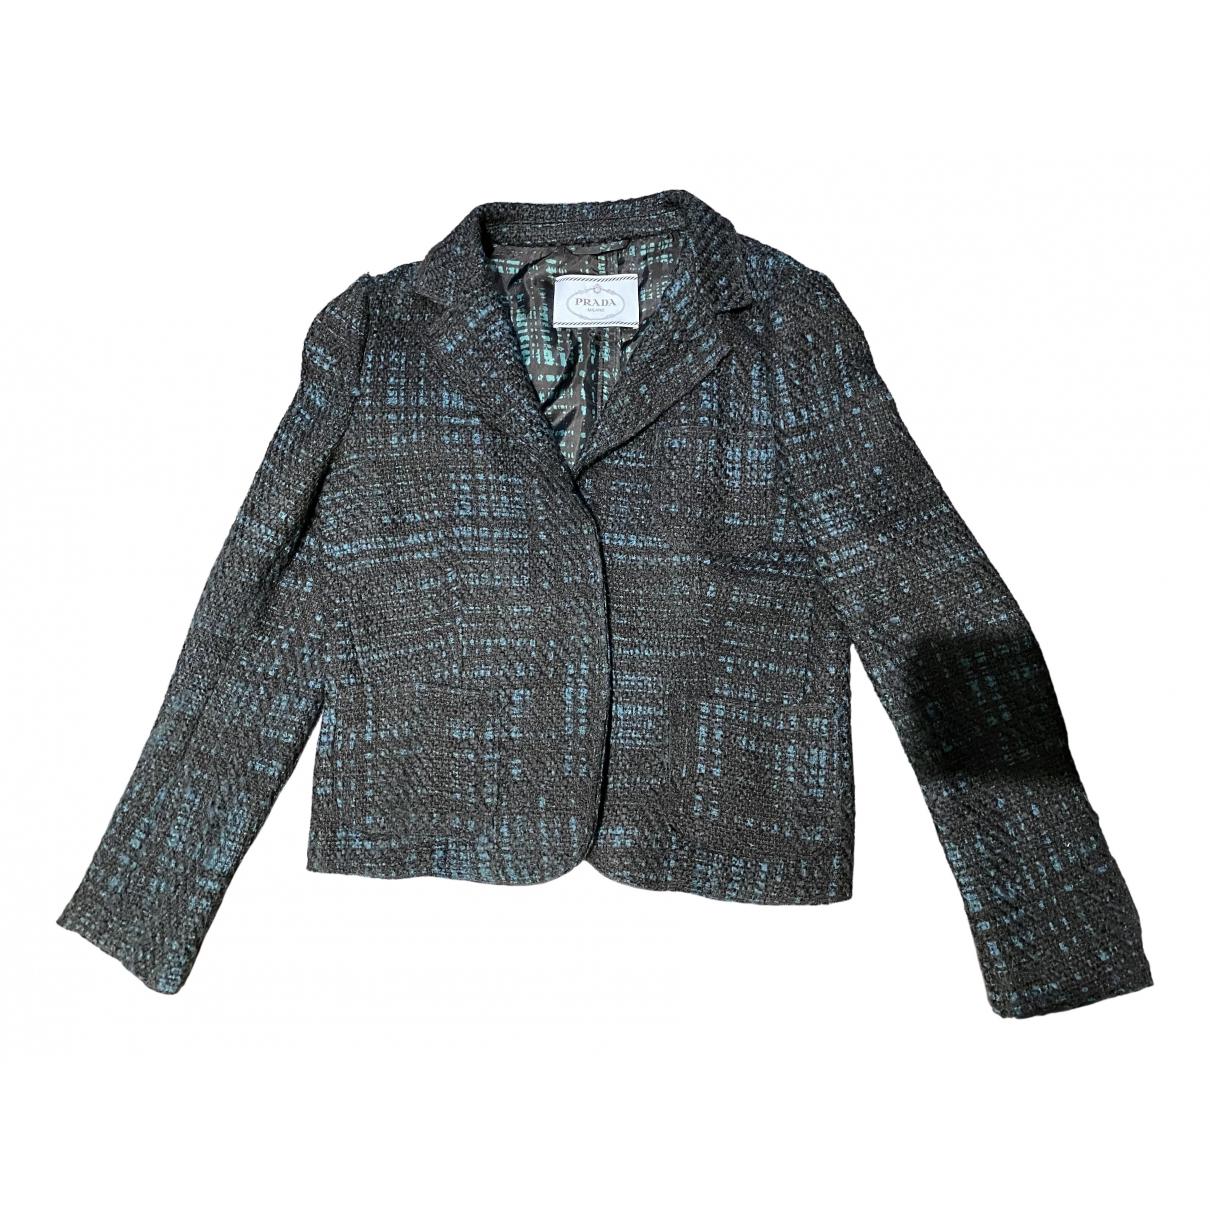 Prada \N Jacke in  Gruen Tweed